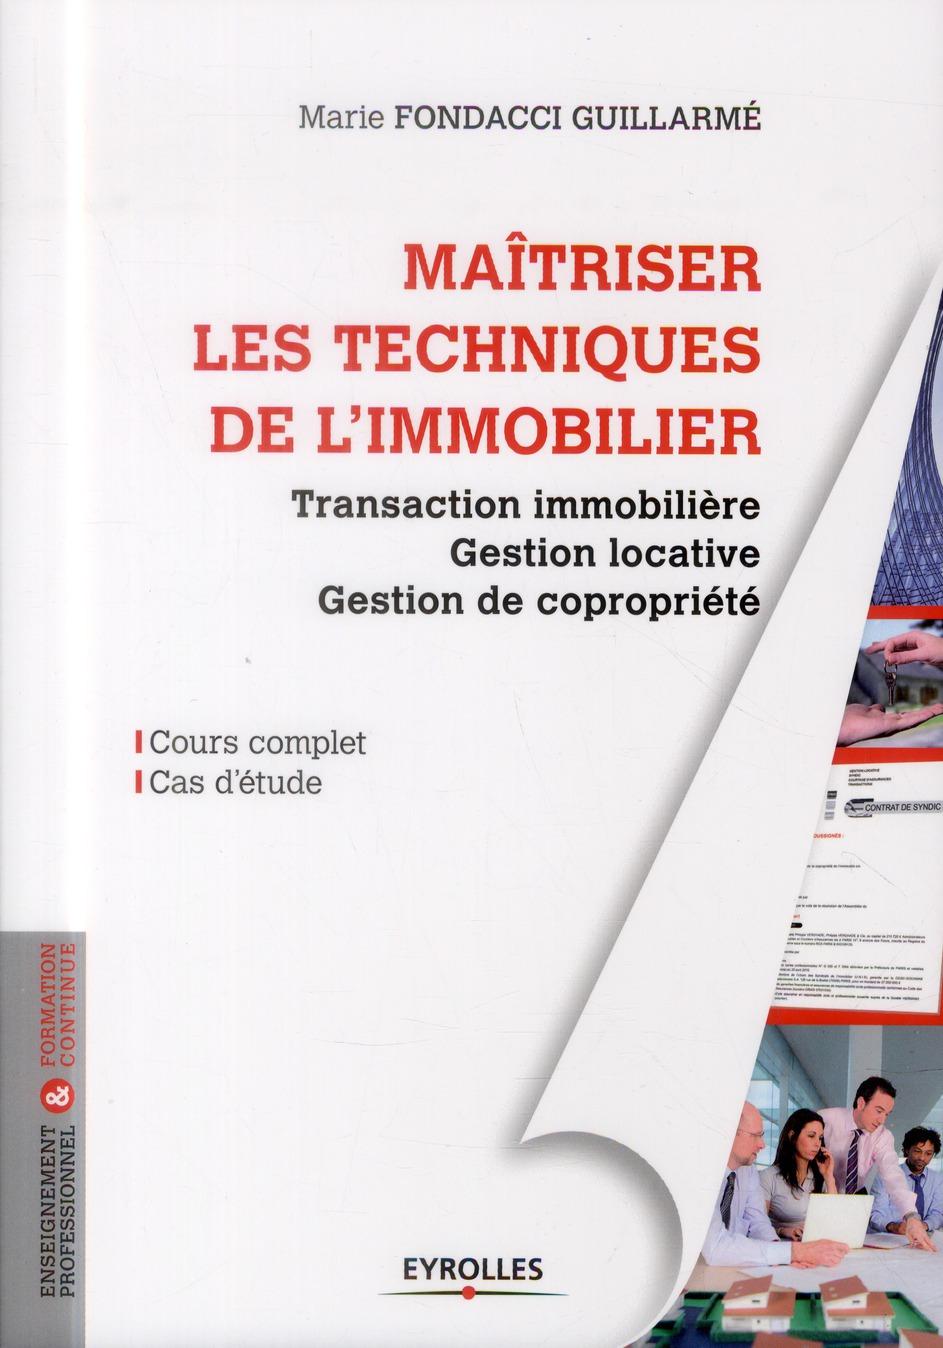 MAITRISER LES TECHNIQUES DE L'IMMOBILIER. TRANSACTION IMMOBILIERE, GESTION LOCAT